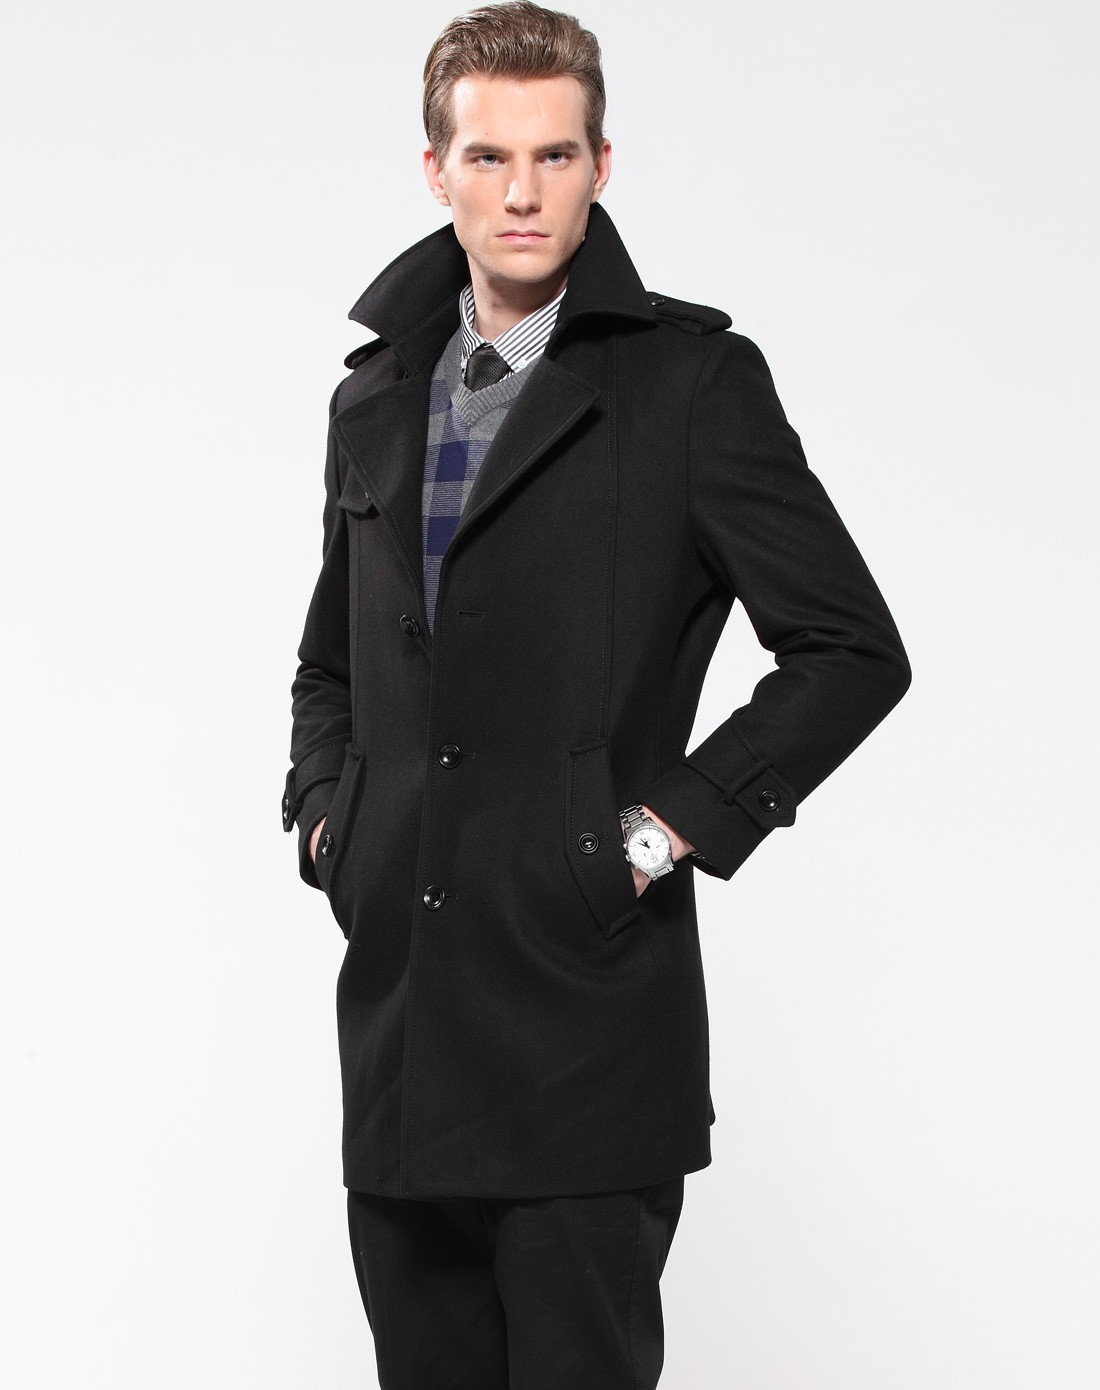 经典黑色商务大衣